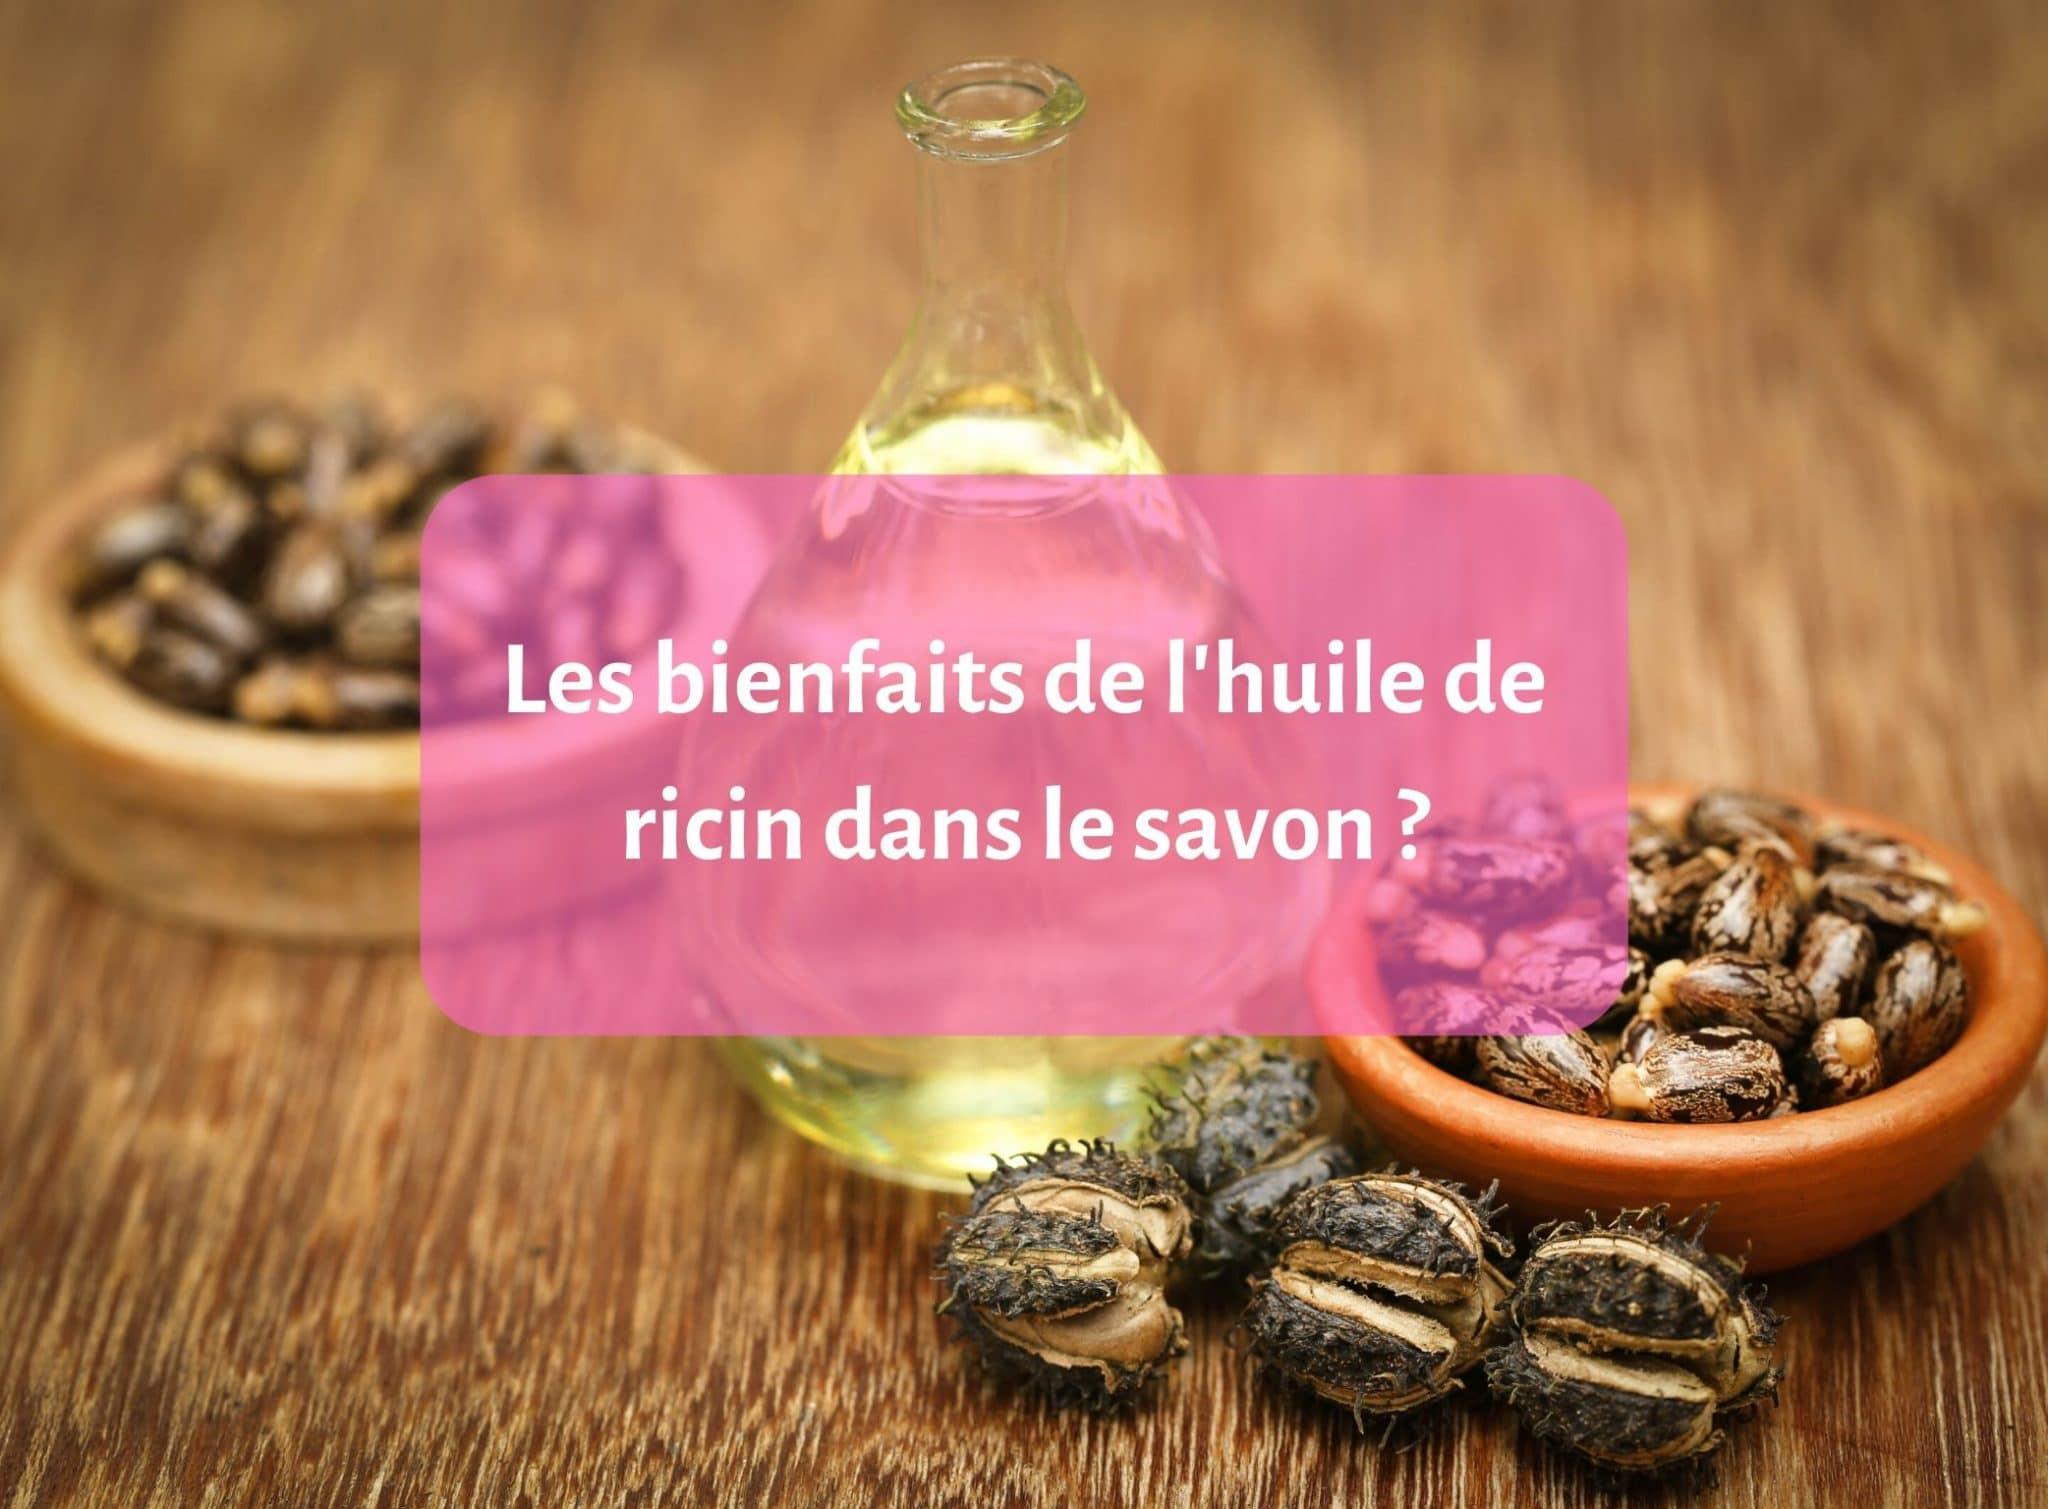 Les bienfaits de l'huile de ricin dans le savon ?